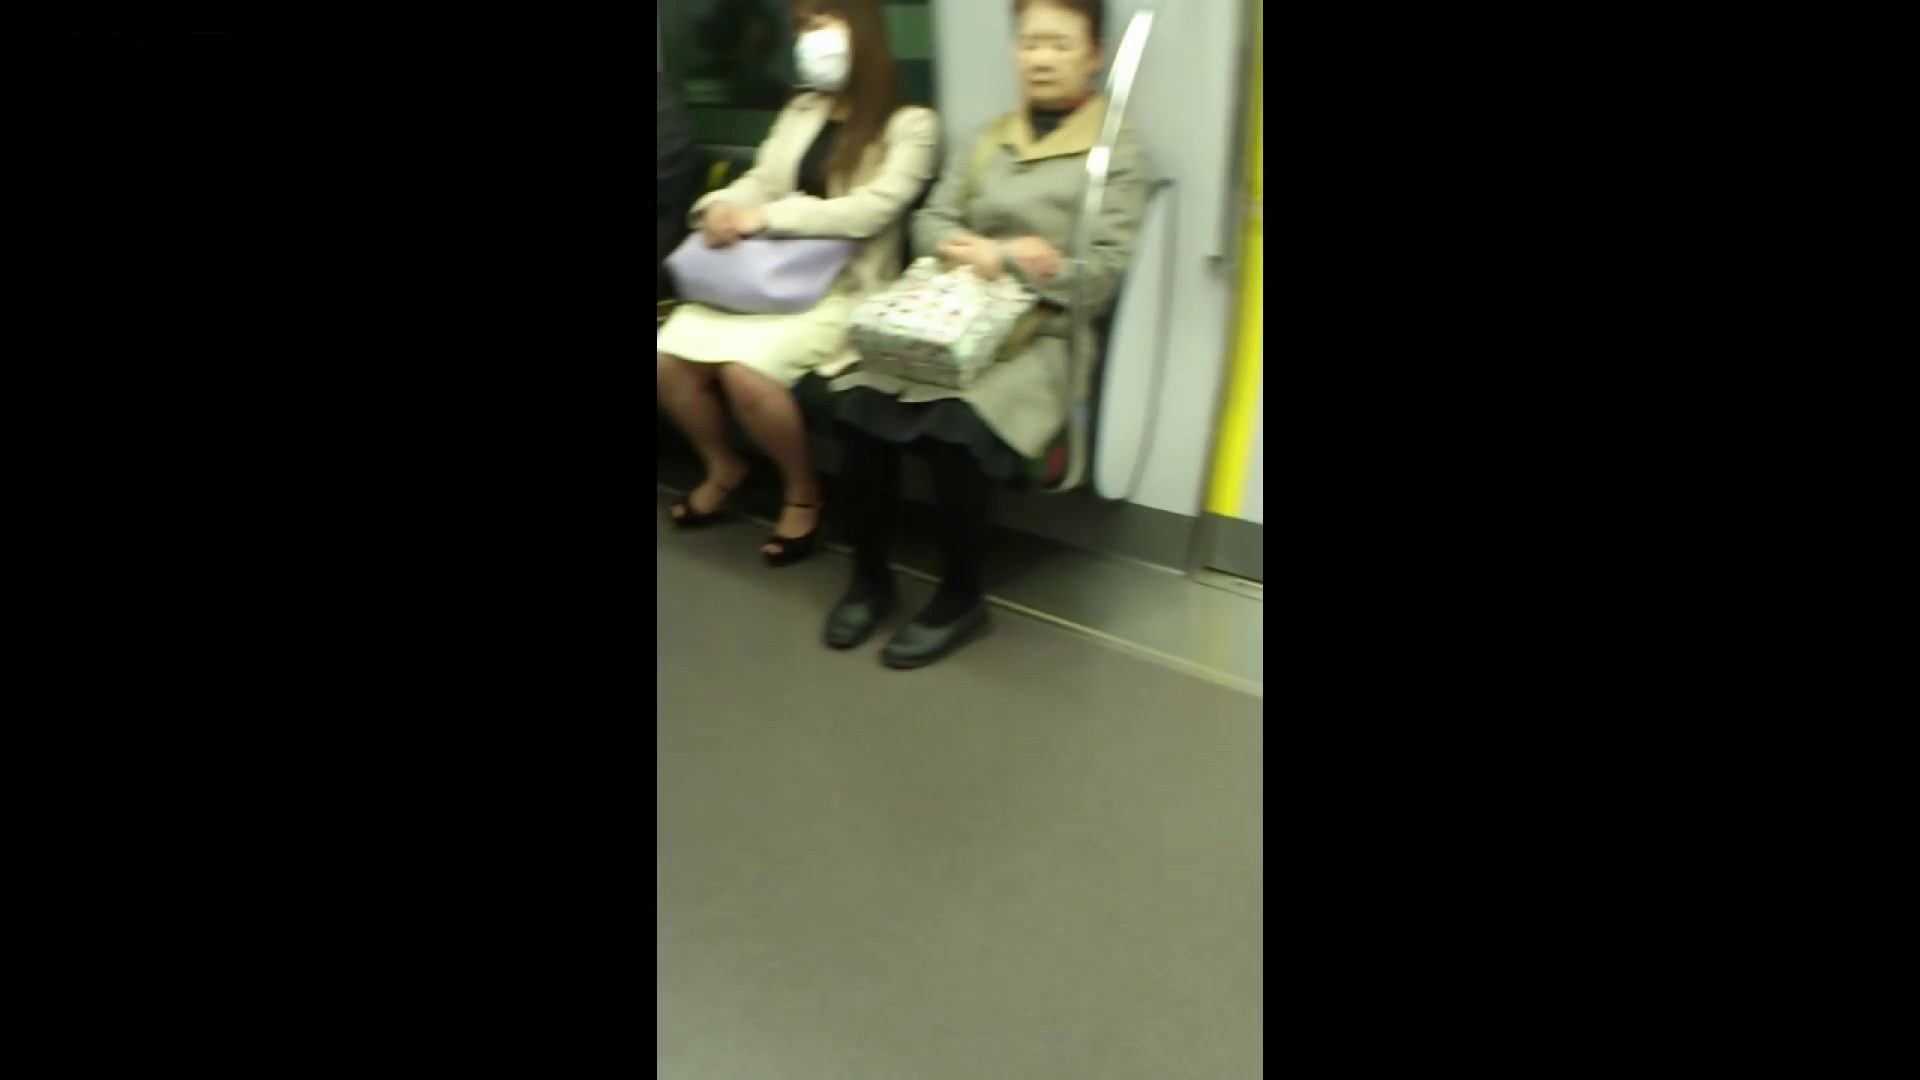 盗撮列車 Vol.55 黄色の爽やかなスカートが大好きです。 美肌 おめこ無修正動画無料 89枚 87